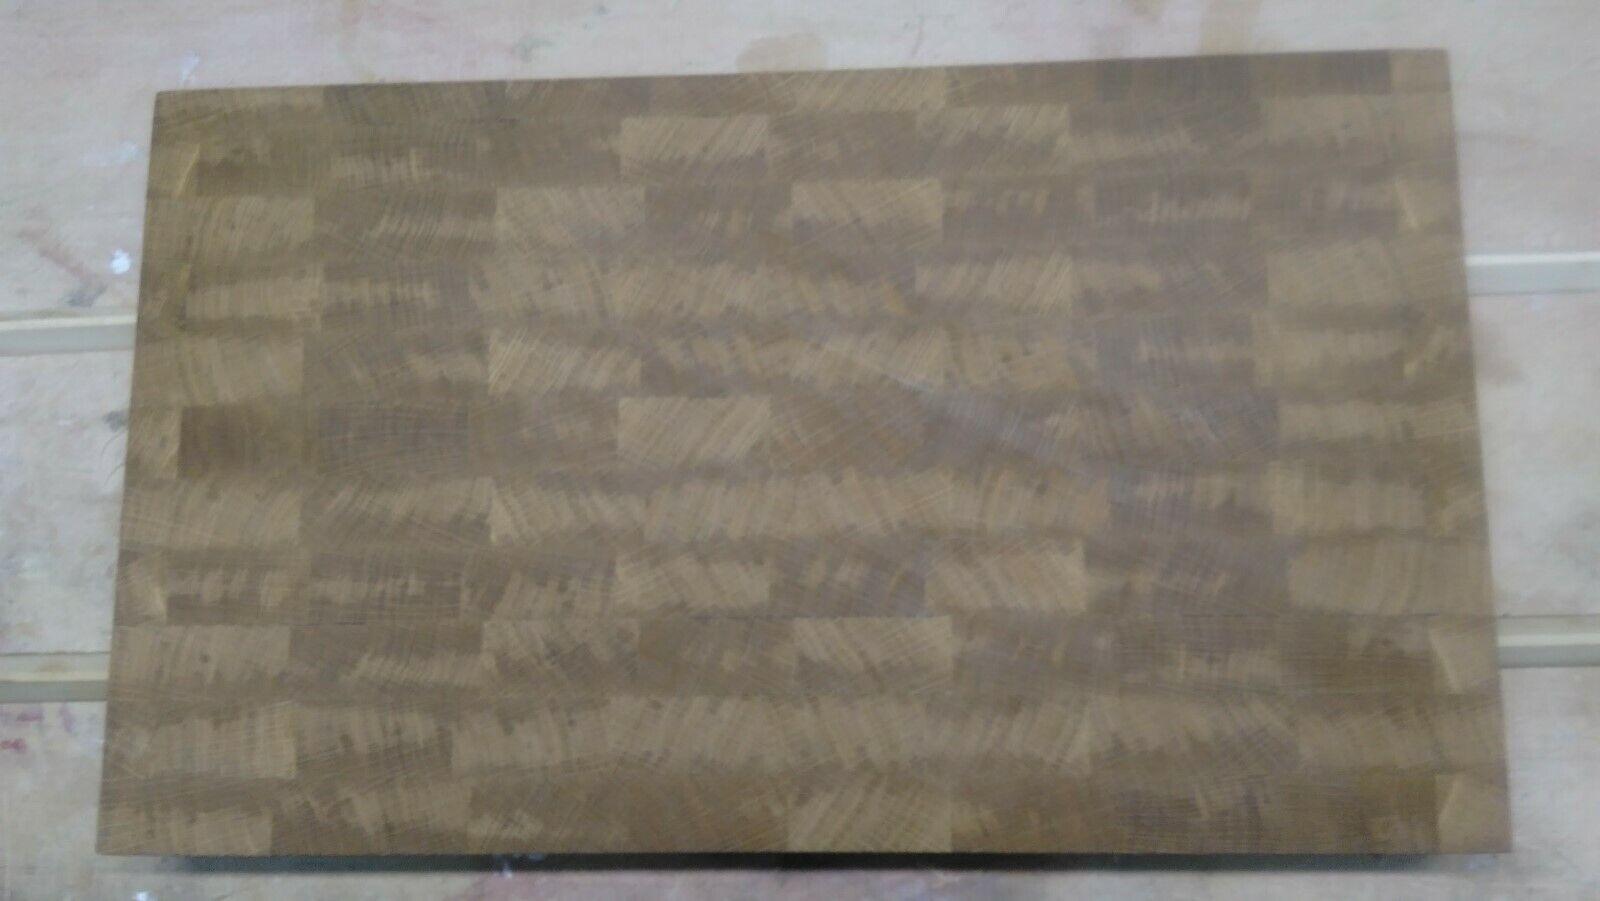 En chêne massif fin Grain à découper planche 295 x 505 x 40 mm